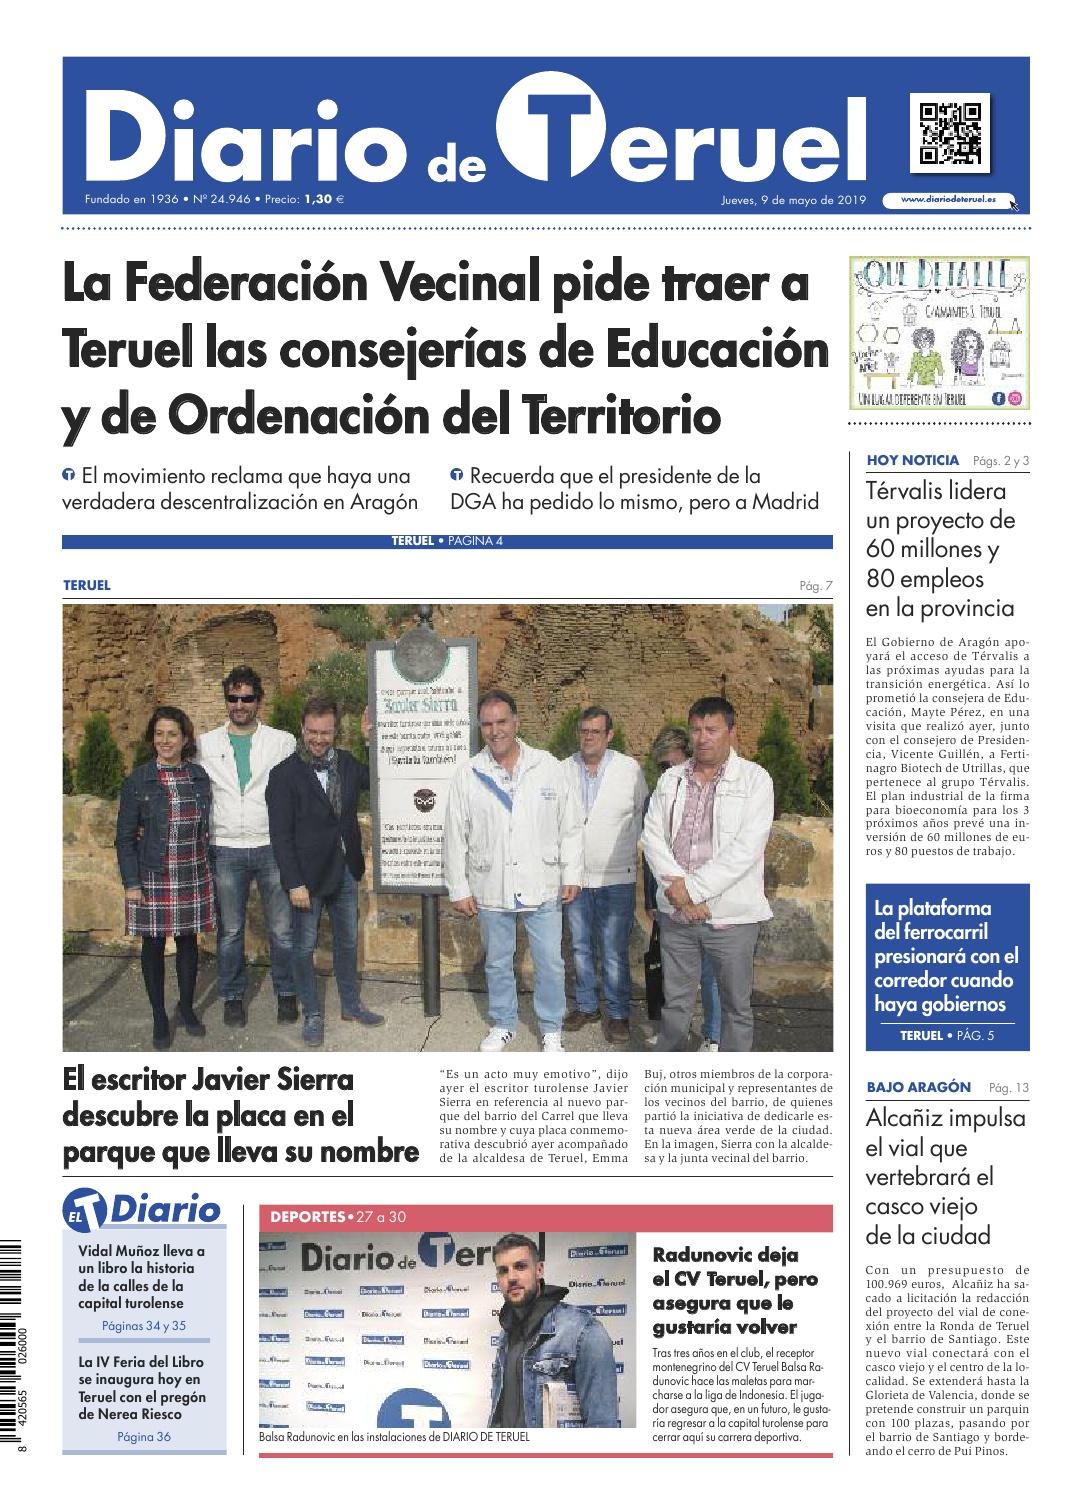 20190601 DOSSIER Parque Javier Sierra